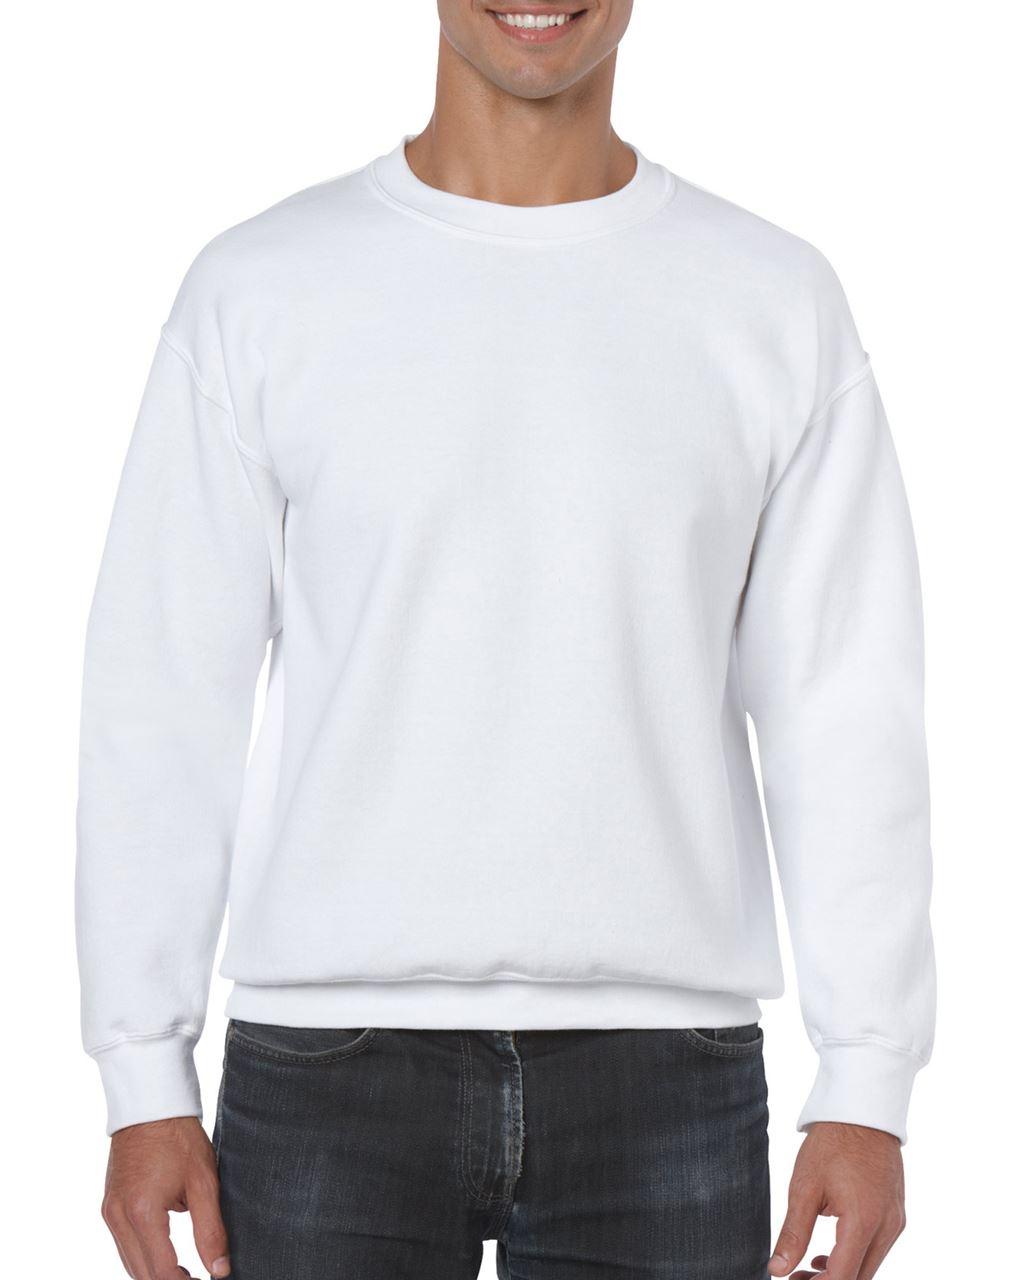 Gildan GI18000 férfi kereknyakú pamut pulóver - Fehér ... 63fae68873